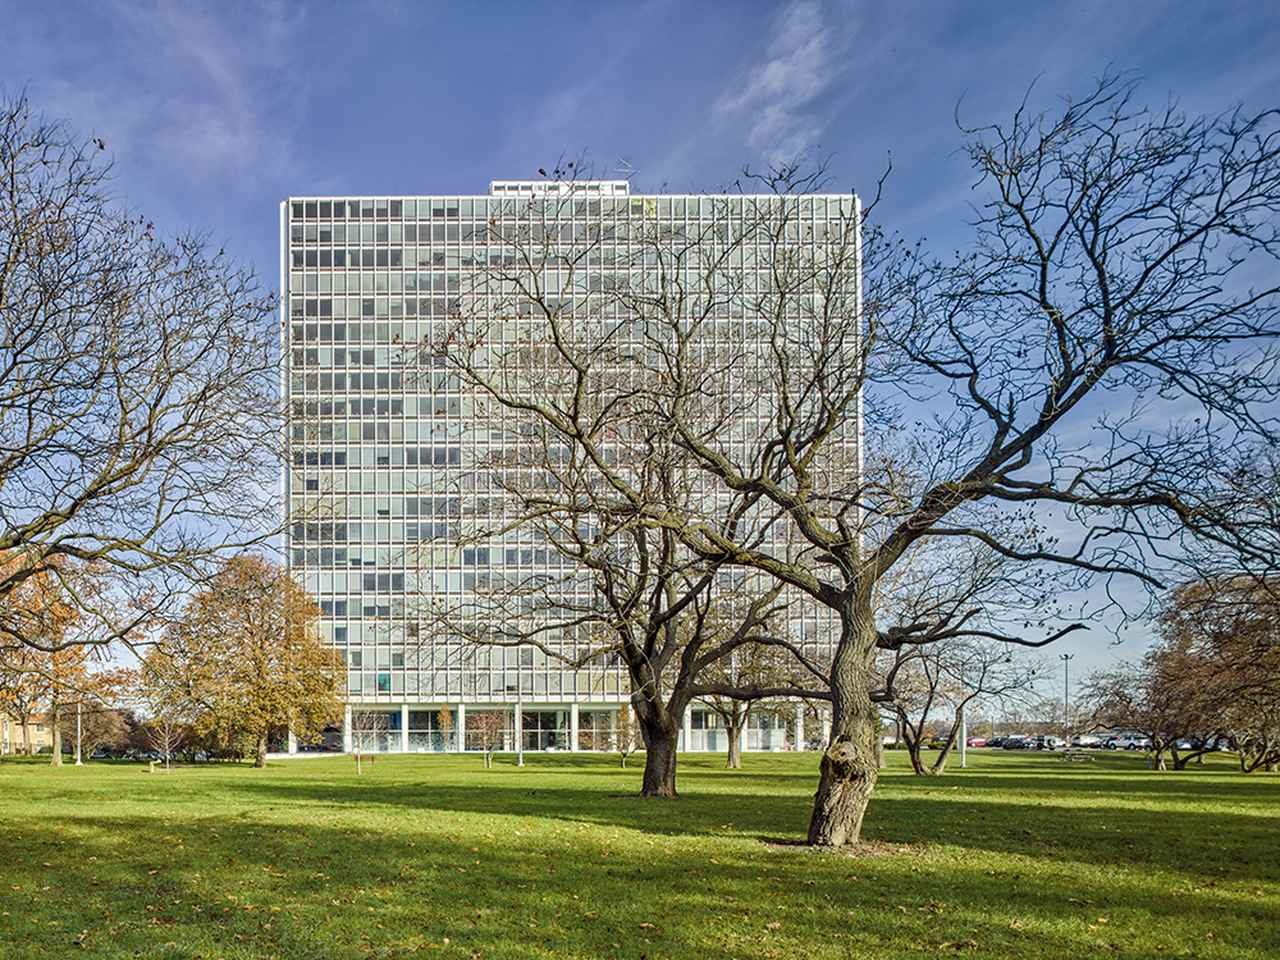 Images : 7番目の画像 - 「20世紀モダニズム建築の 喪われた聖地 ミシガンは再生するのか」のアルバム - T JAPAN:The New York Times Style Magazine 公式サイト